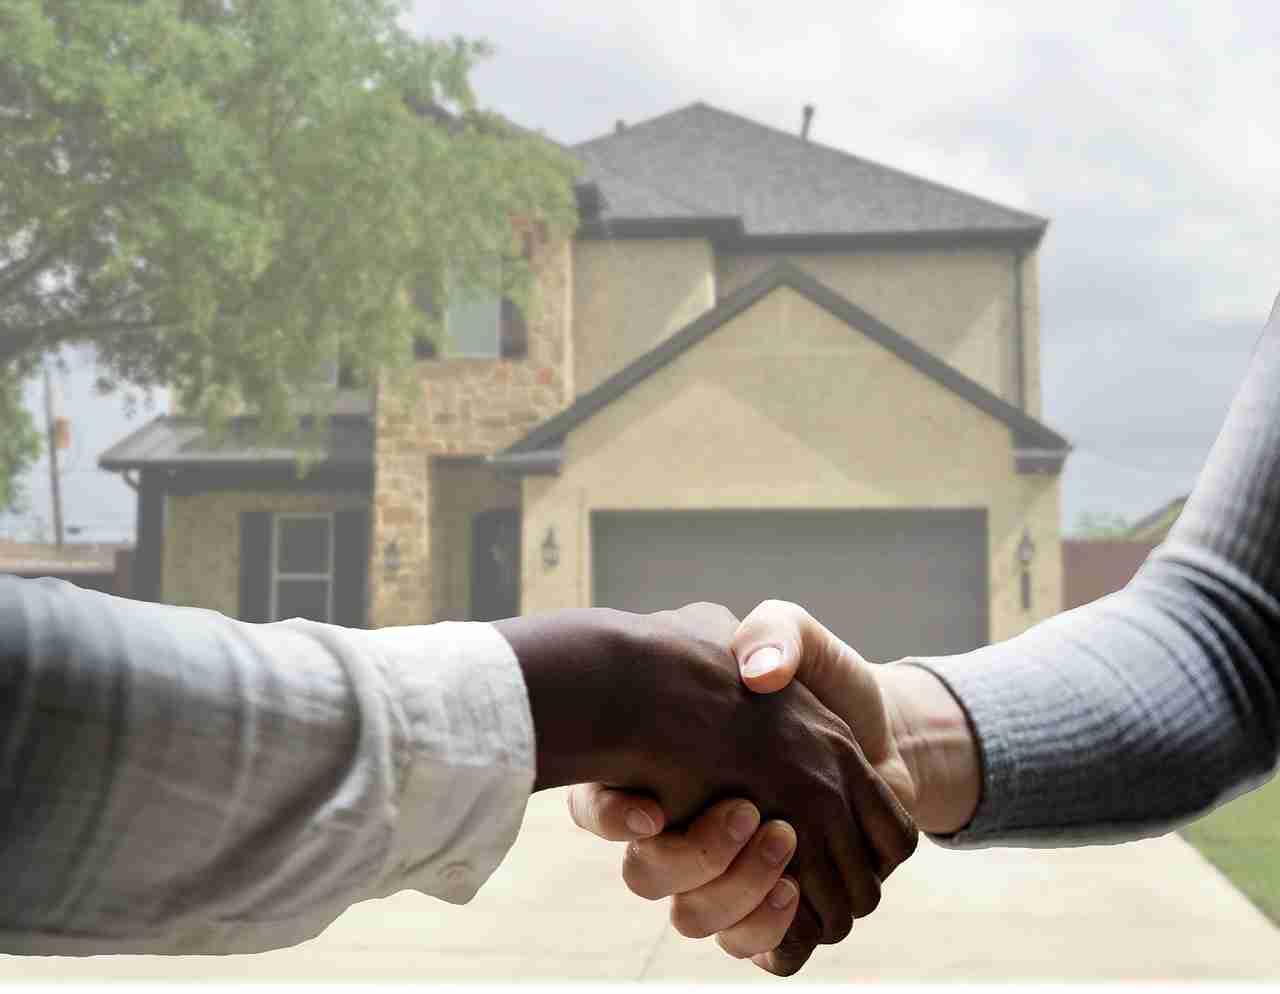 El precio de la vivienda en Castilla-La Mancha cae un 2,37% frente al año pasado 3